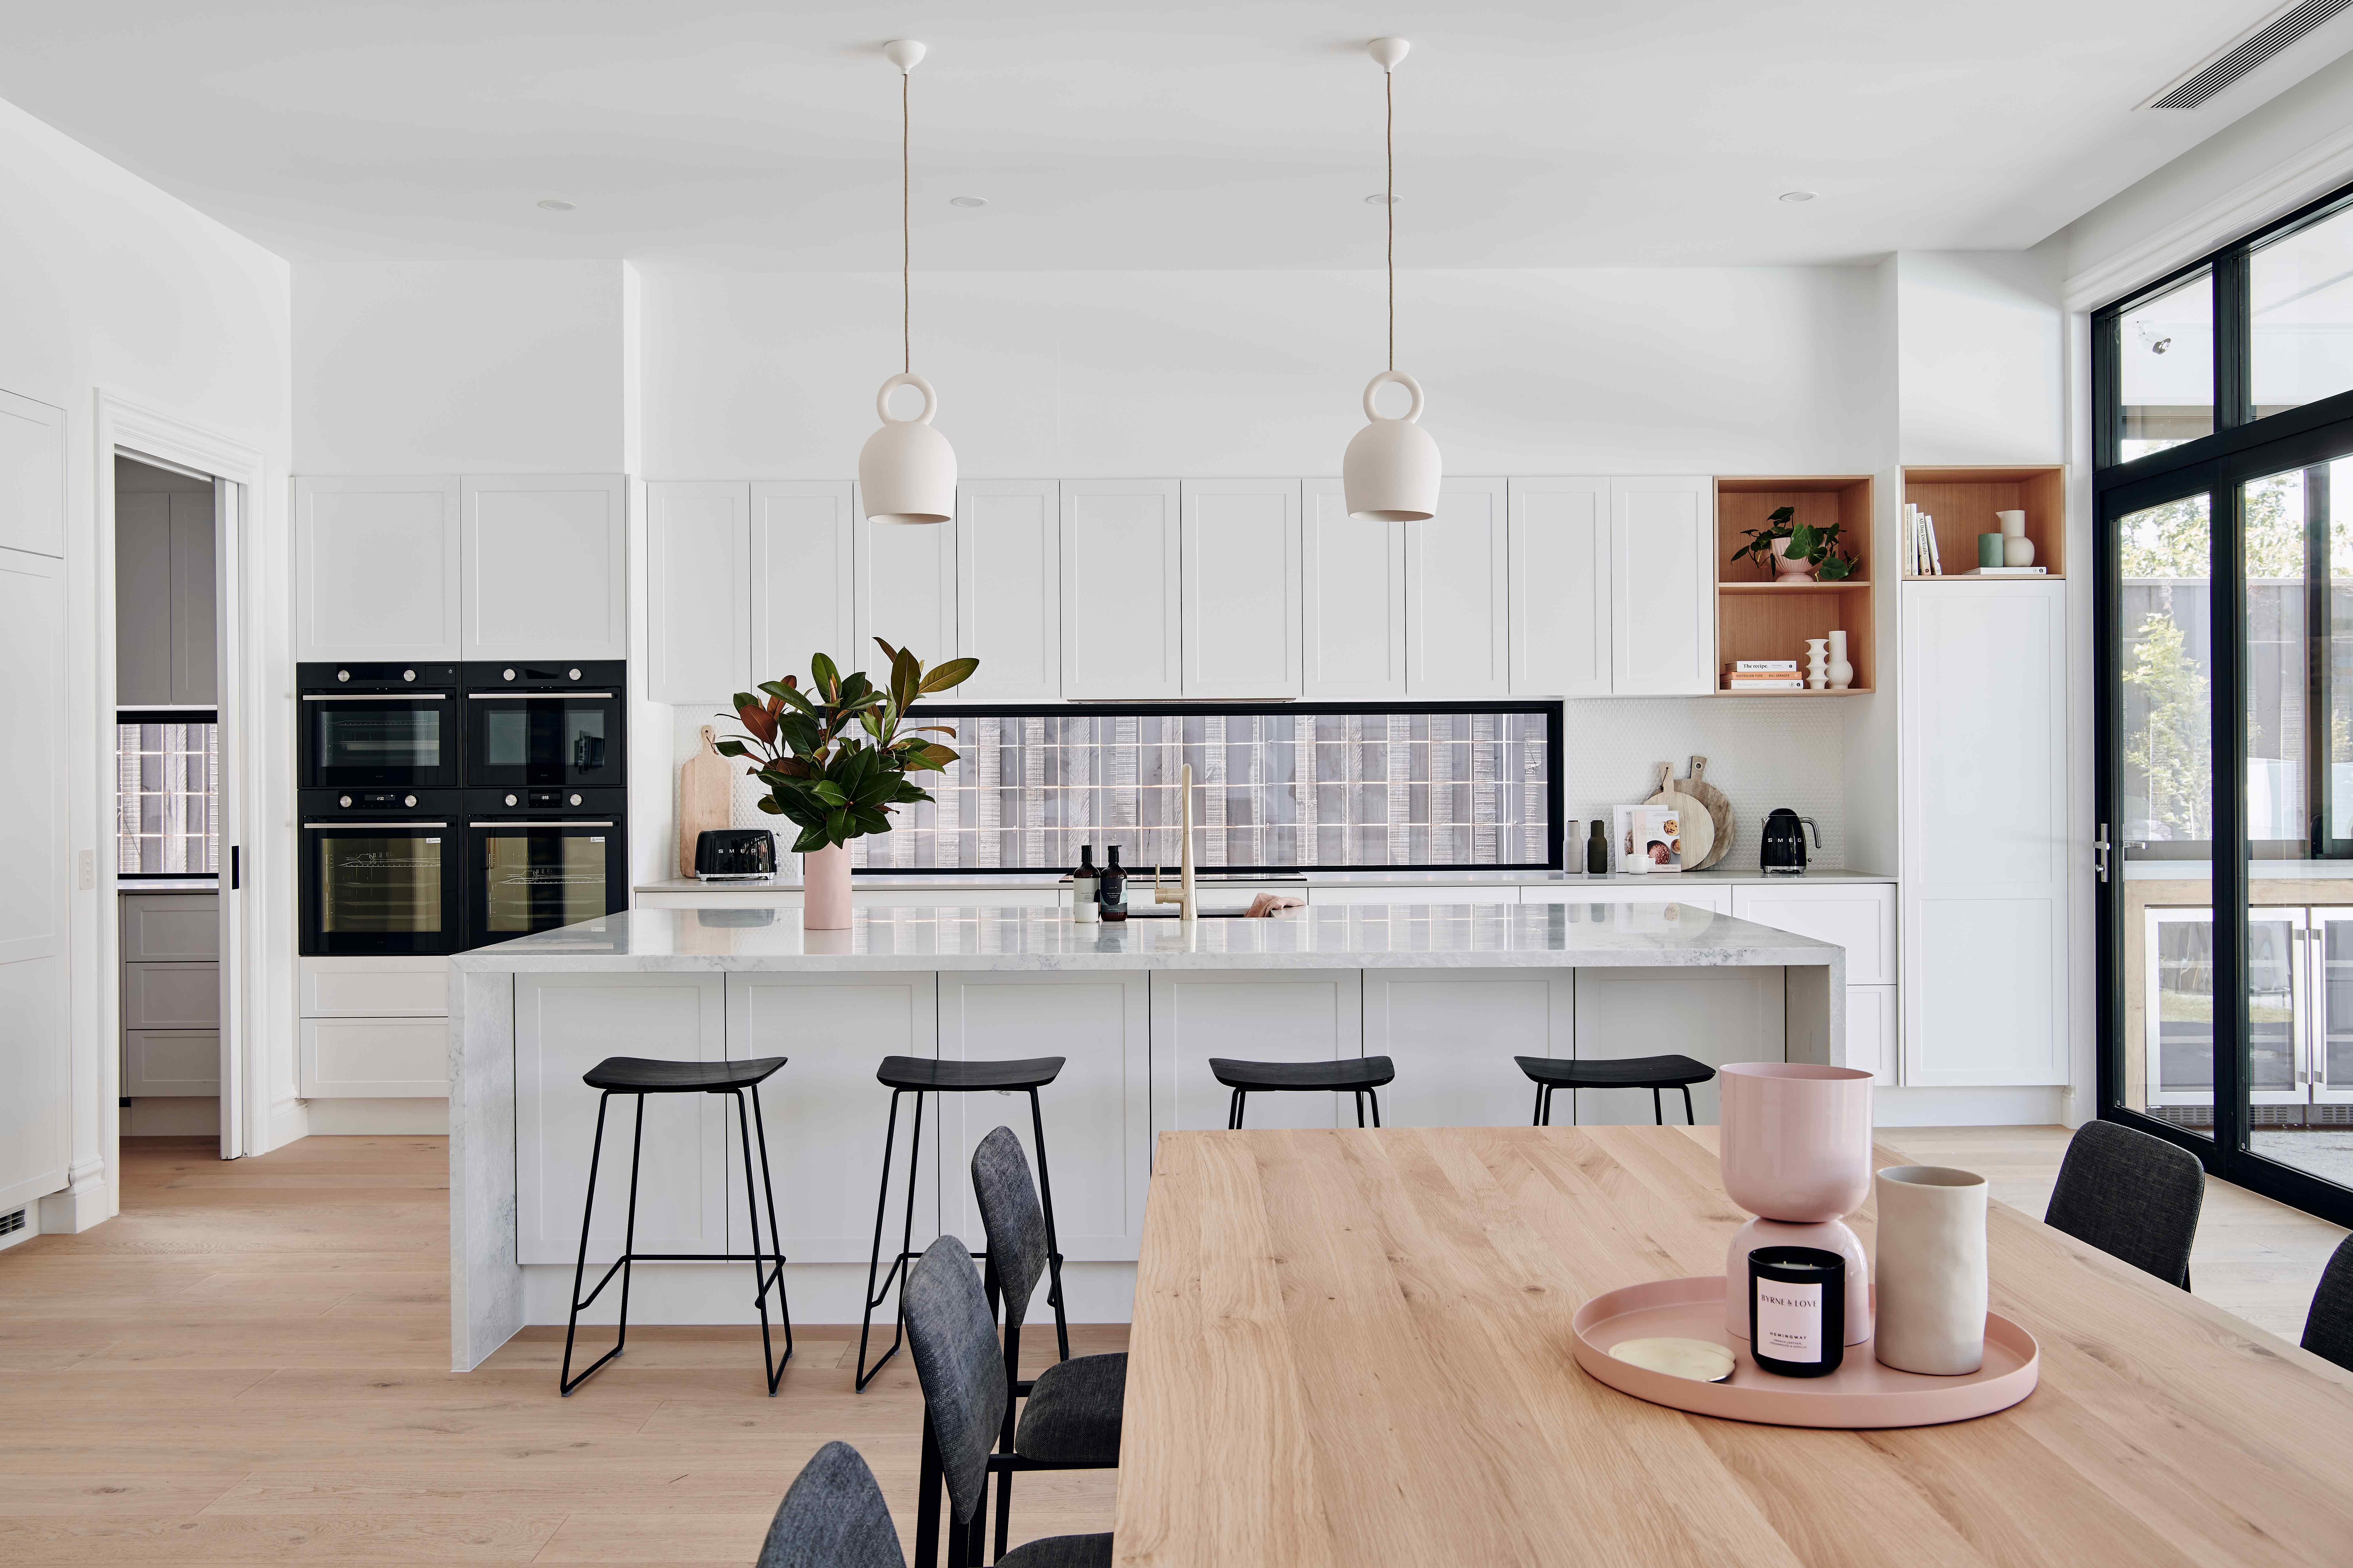 Velká bílá kuchyň s barovými židlemi a jídelní kout